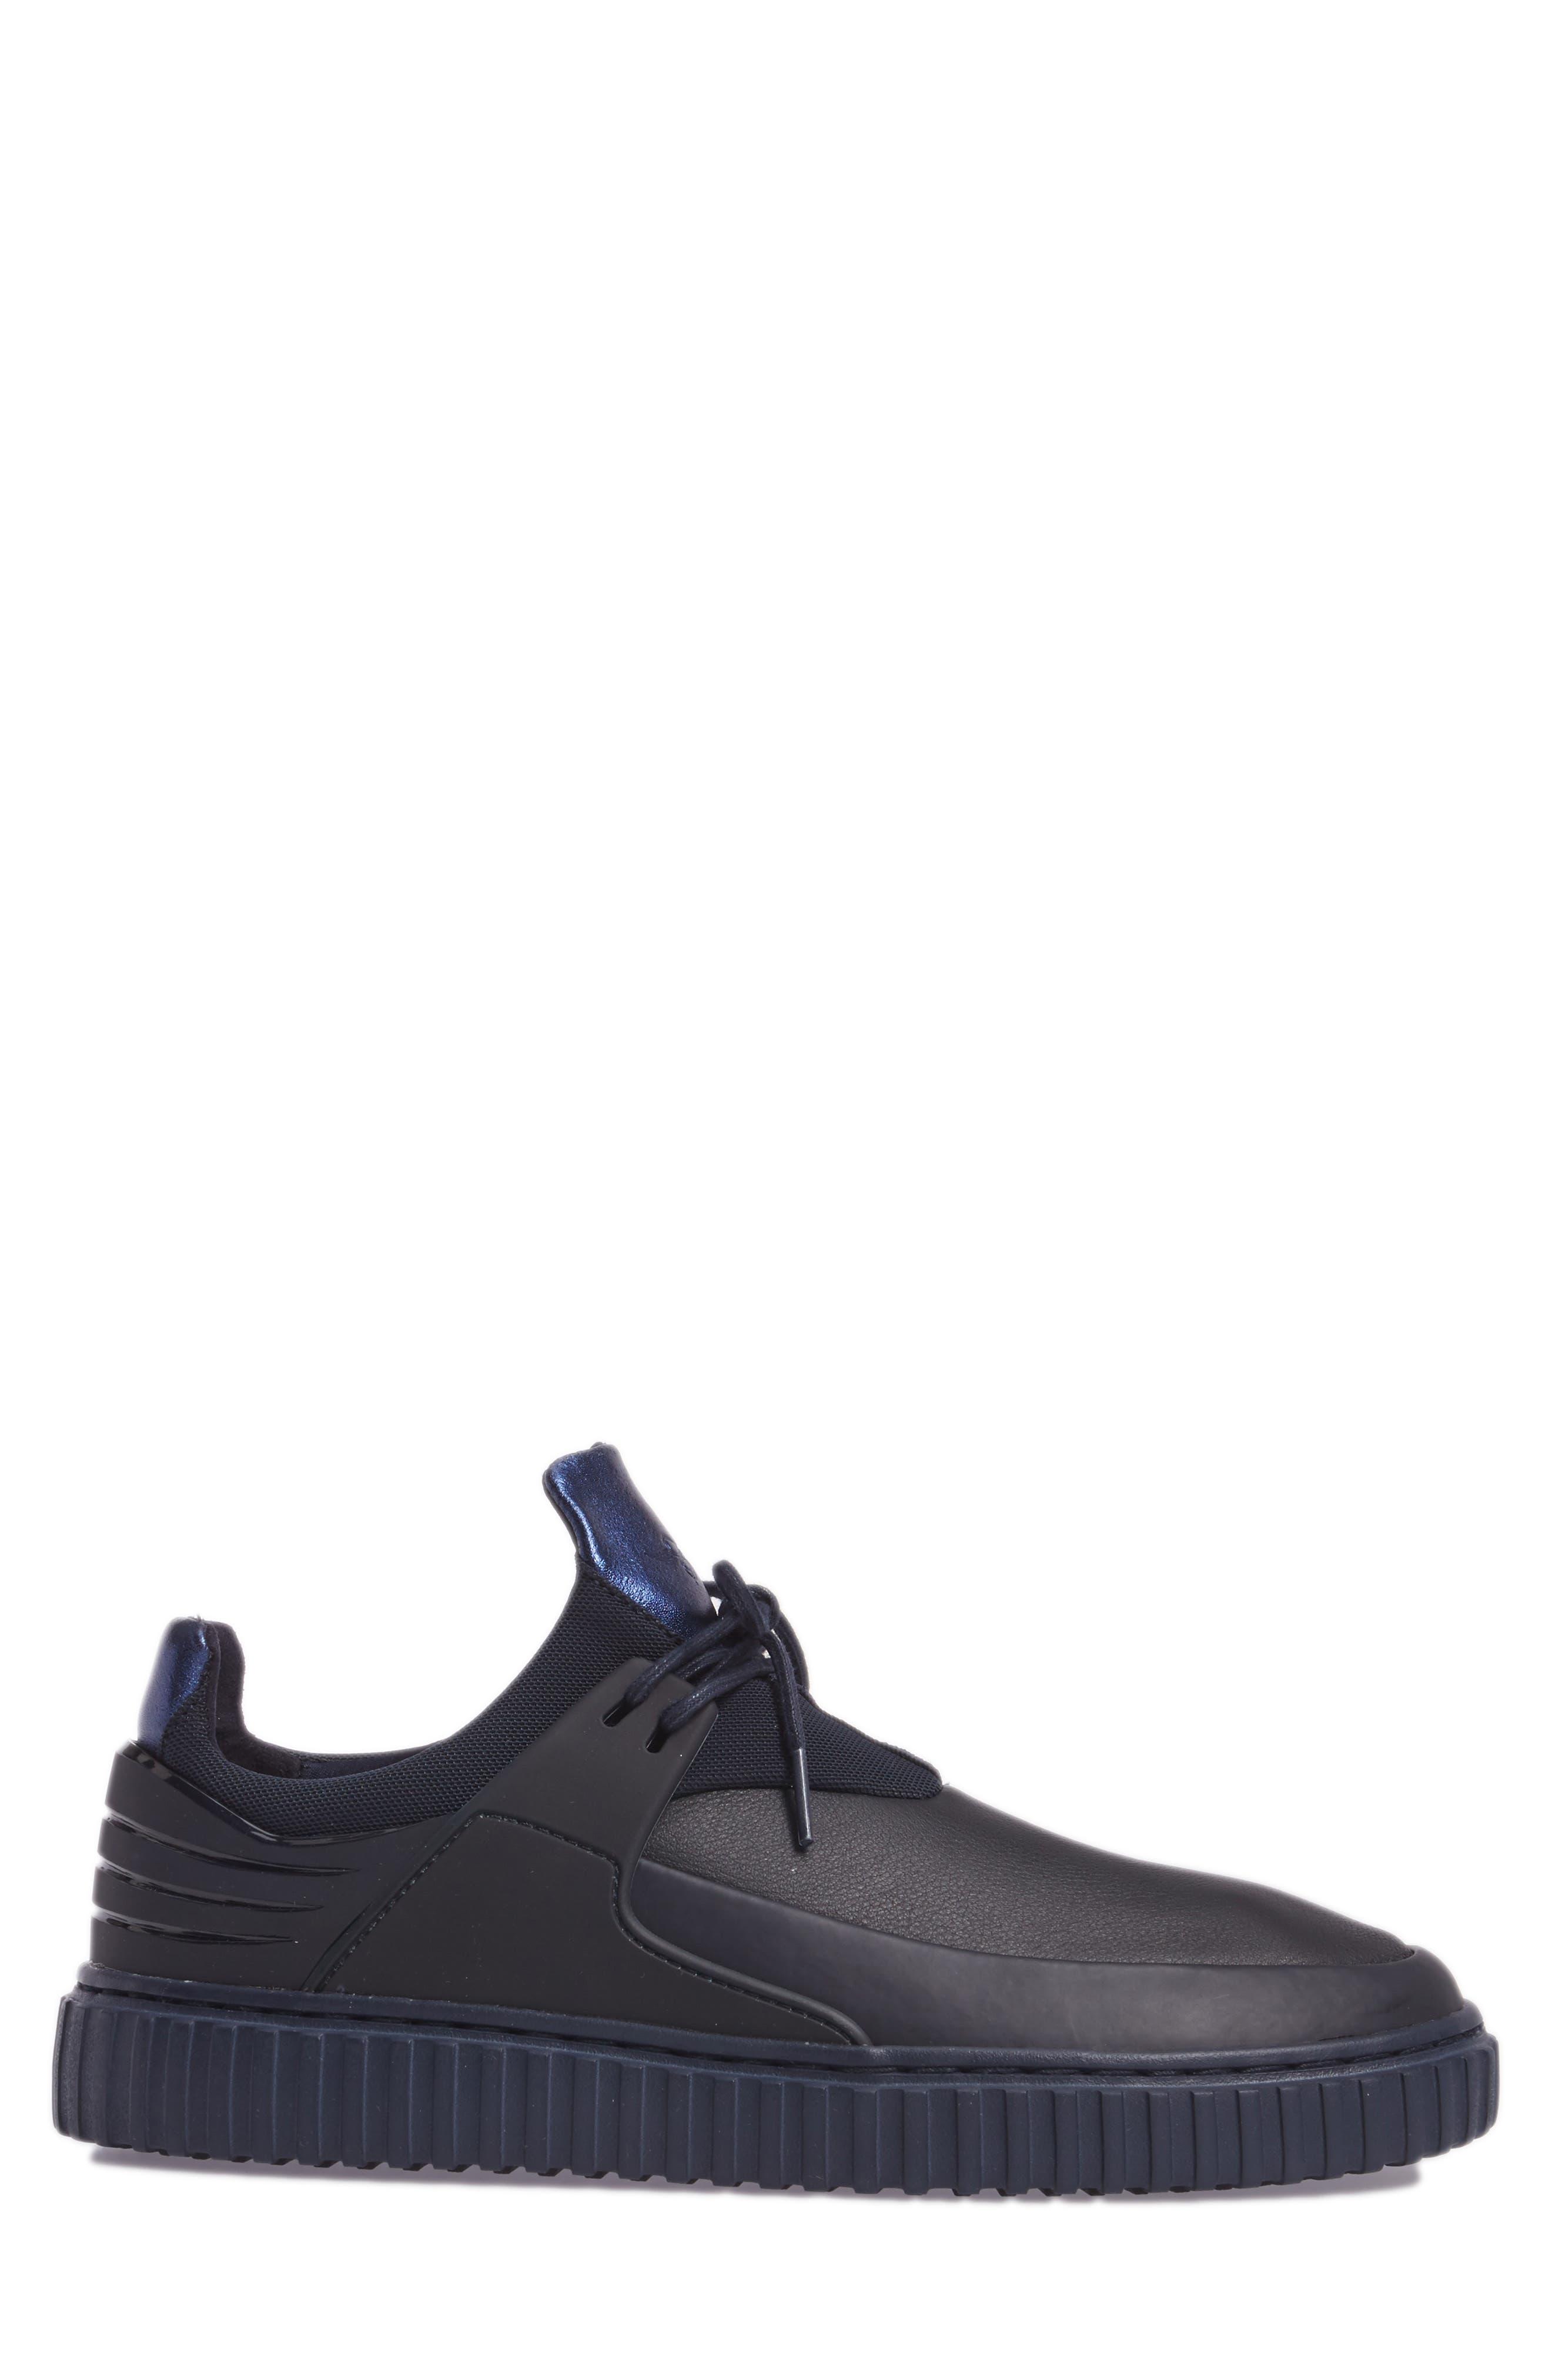 Alternate Image 3  - Creative Recreation Castucci Mid Sneaker (Men)